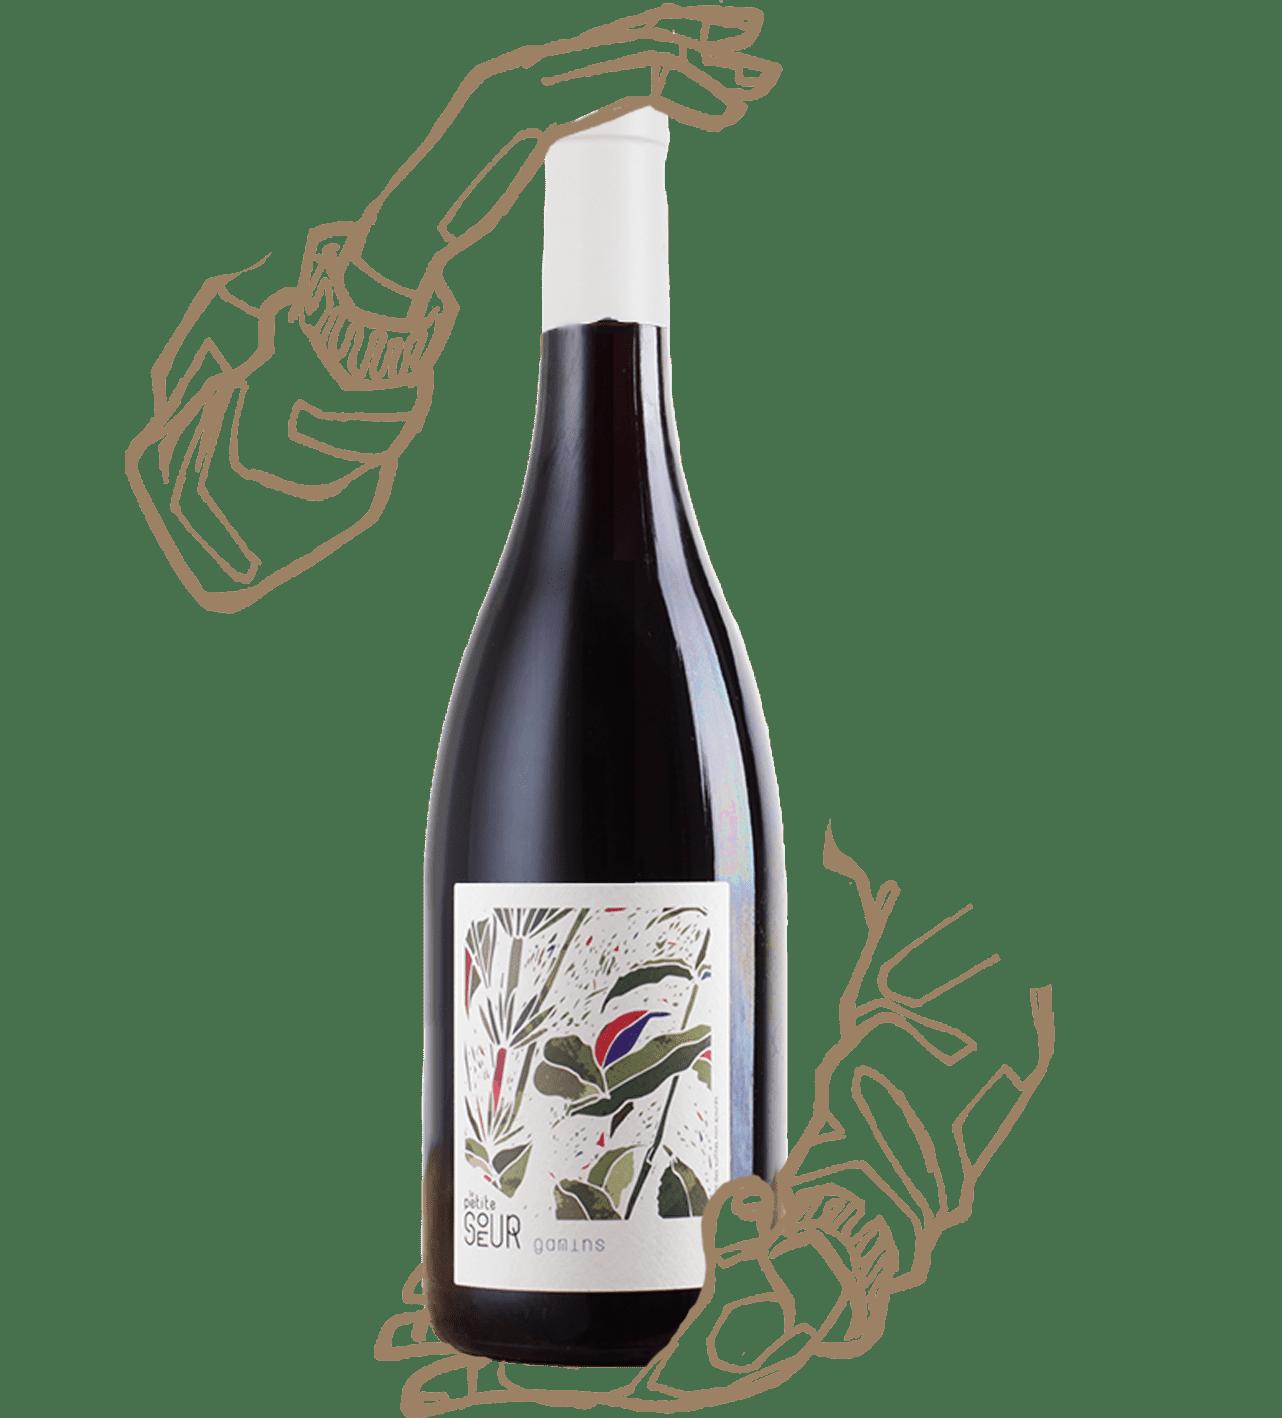 Les gamins est un vin naturel de loire du domaine de la petite soeur